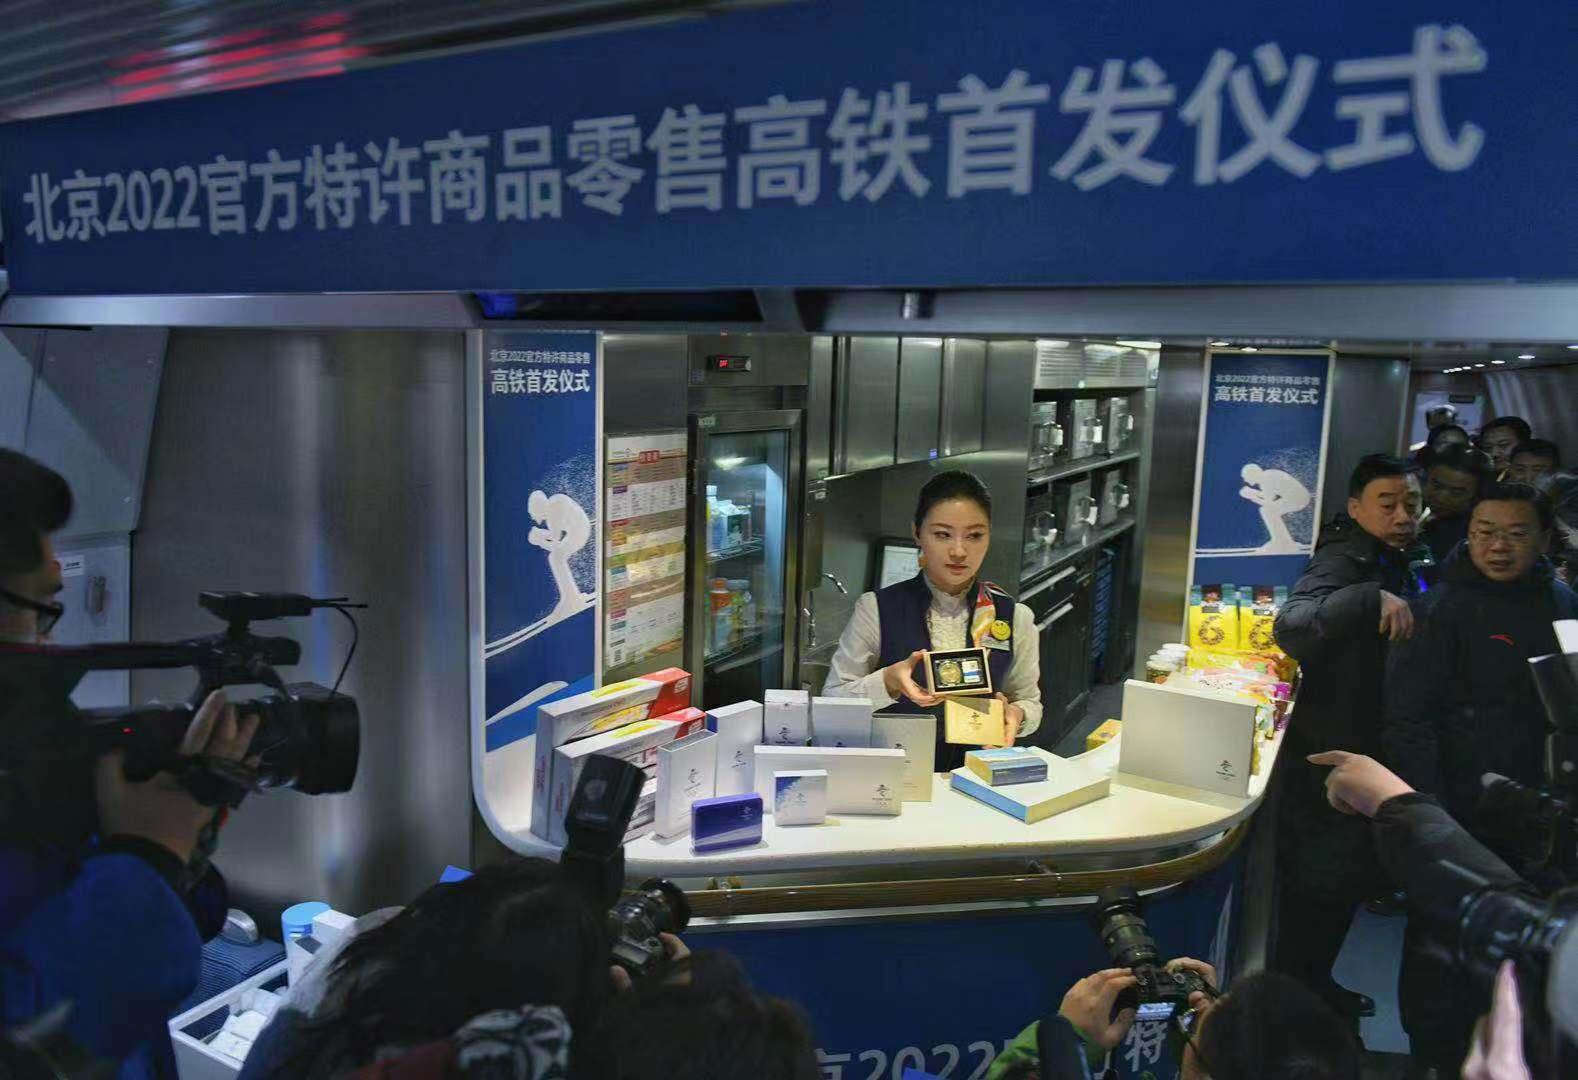 12月27日,北京冬奥组委在中国铁路北京局高铁动车组列车G119次(北京南站至上海虹桥)上举行北京冬奥会特许商品首发式。摄影 新京报记者 陶冉